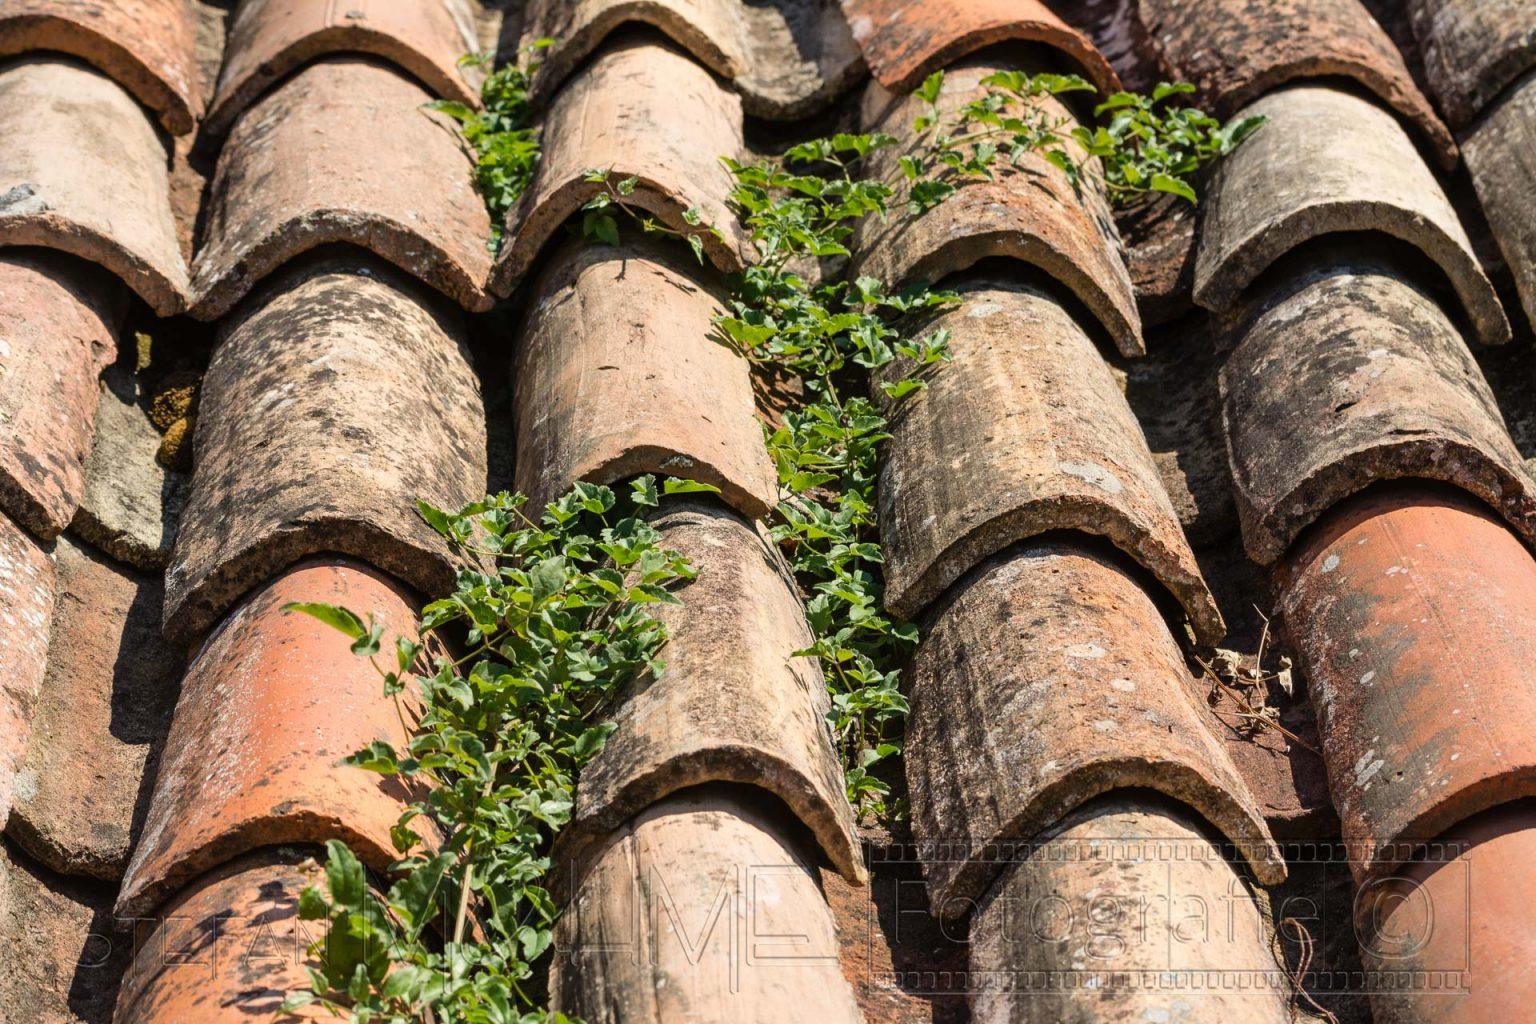 Dach,dachziegel,dachpfannen,unkraut,nahaufnahme,details,struktur